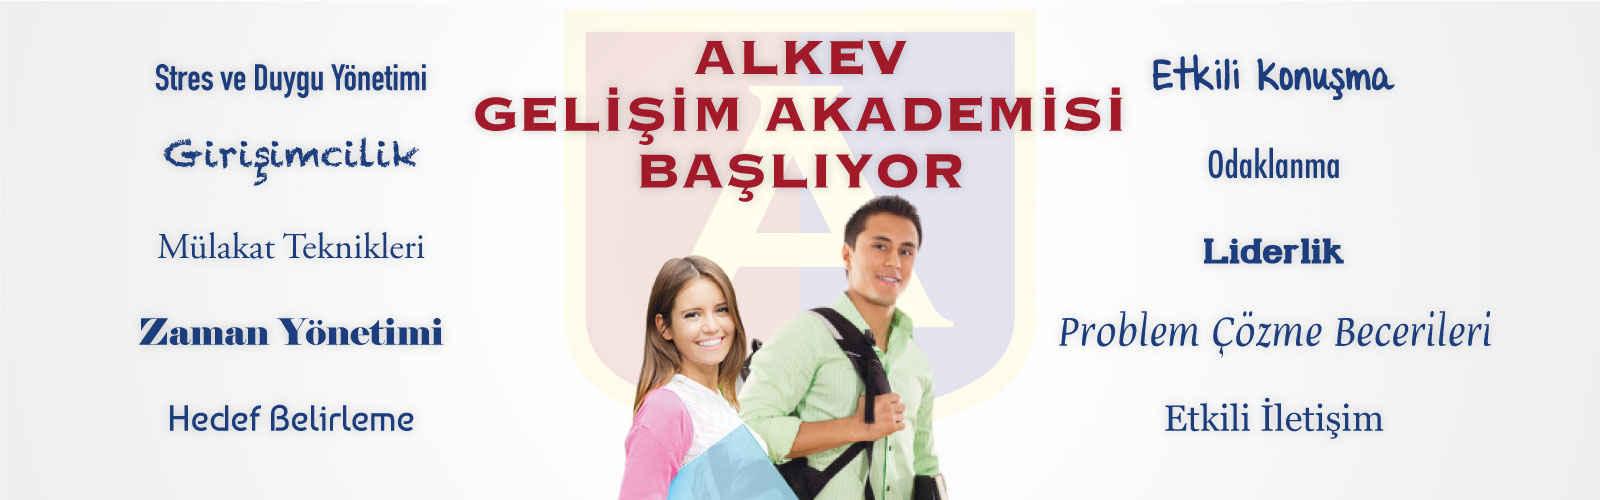 ALKEV Gelişim Akademisi Başlıyor